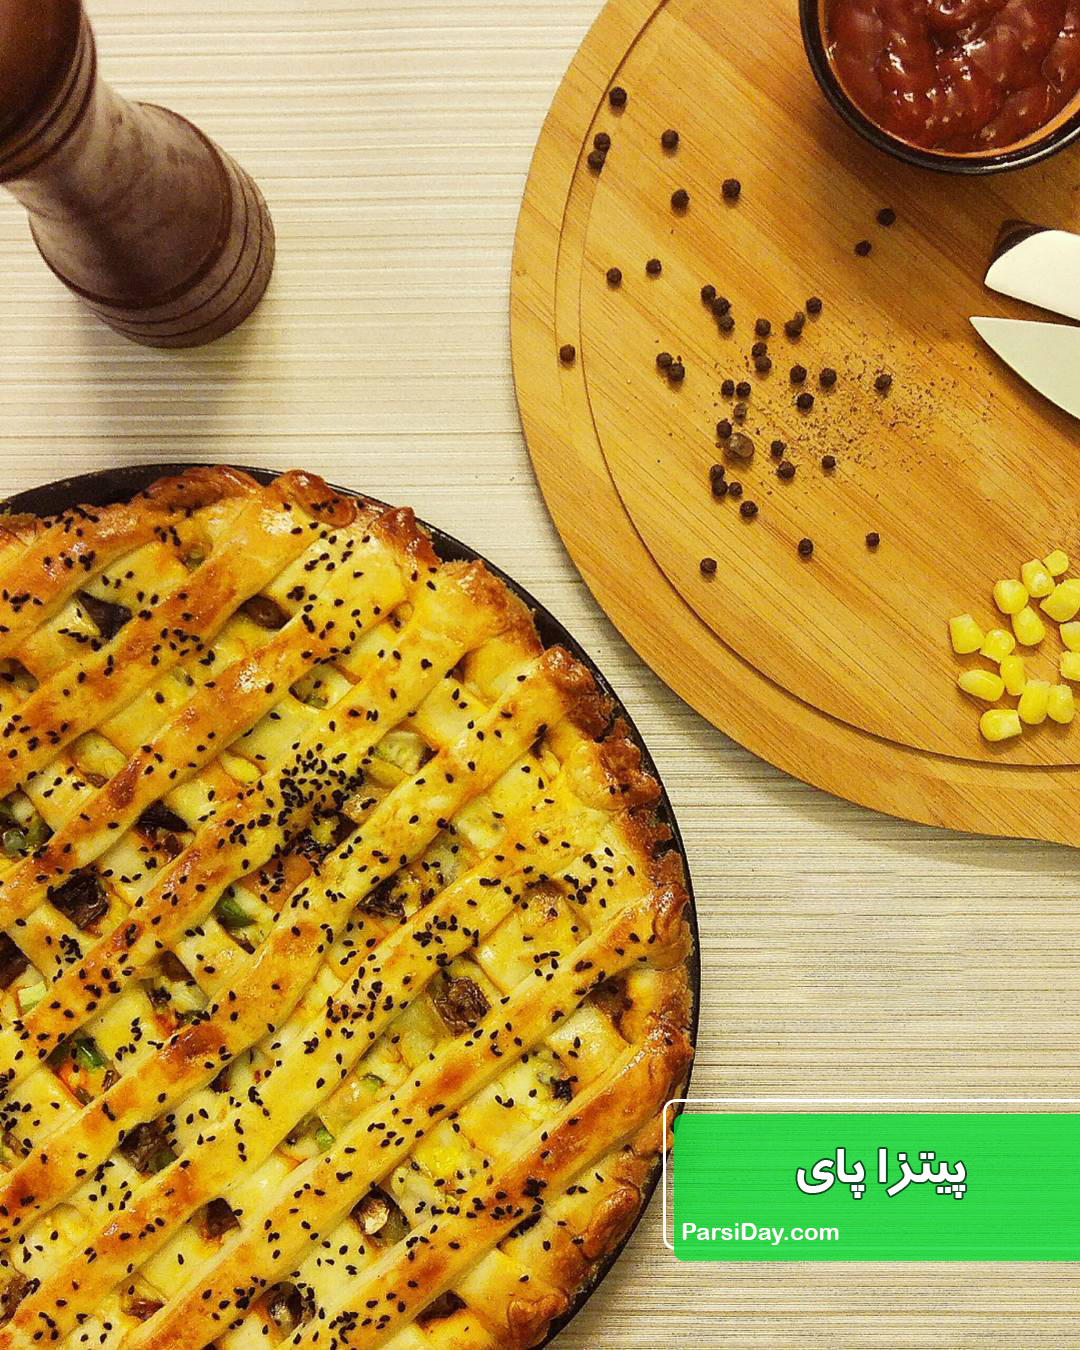 طرز تهیه پیتزا پای خوشمزه و مجلسی با گوشت چرخ کرده و قارچ